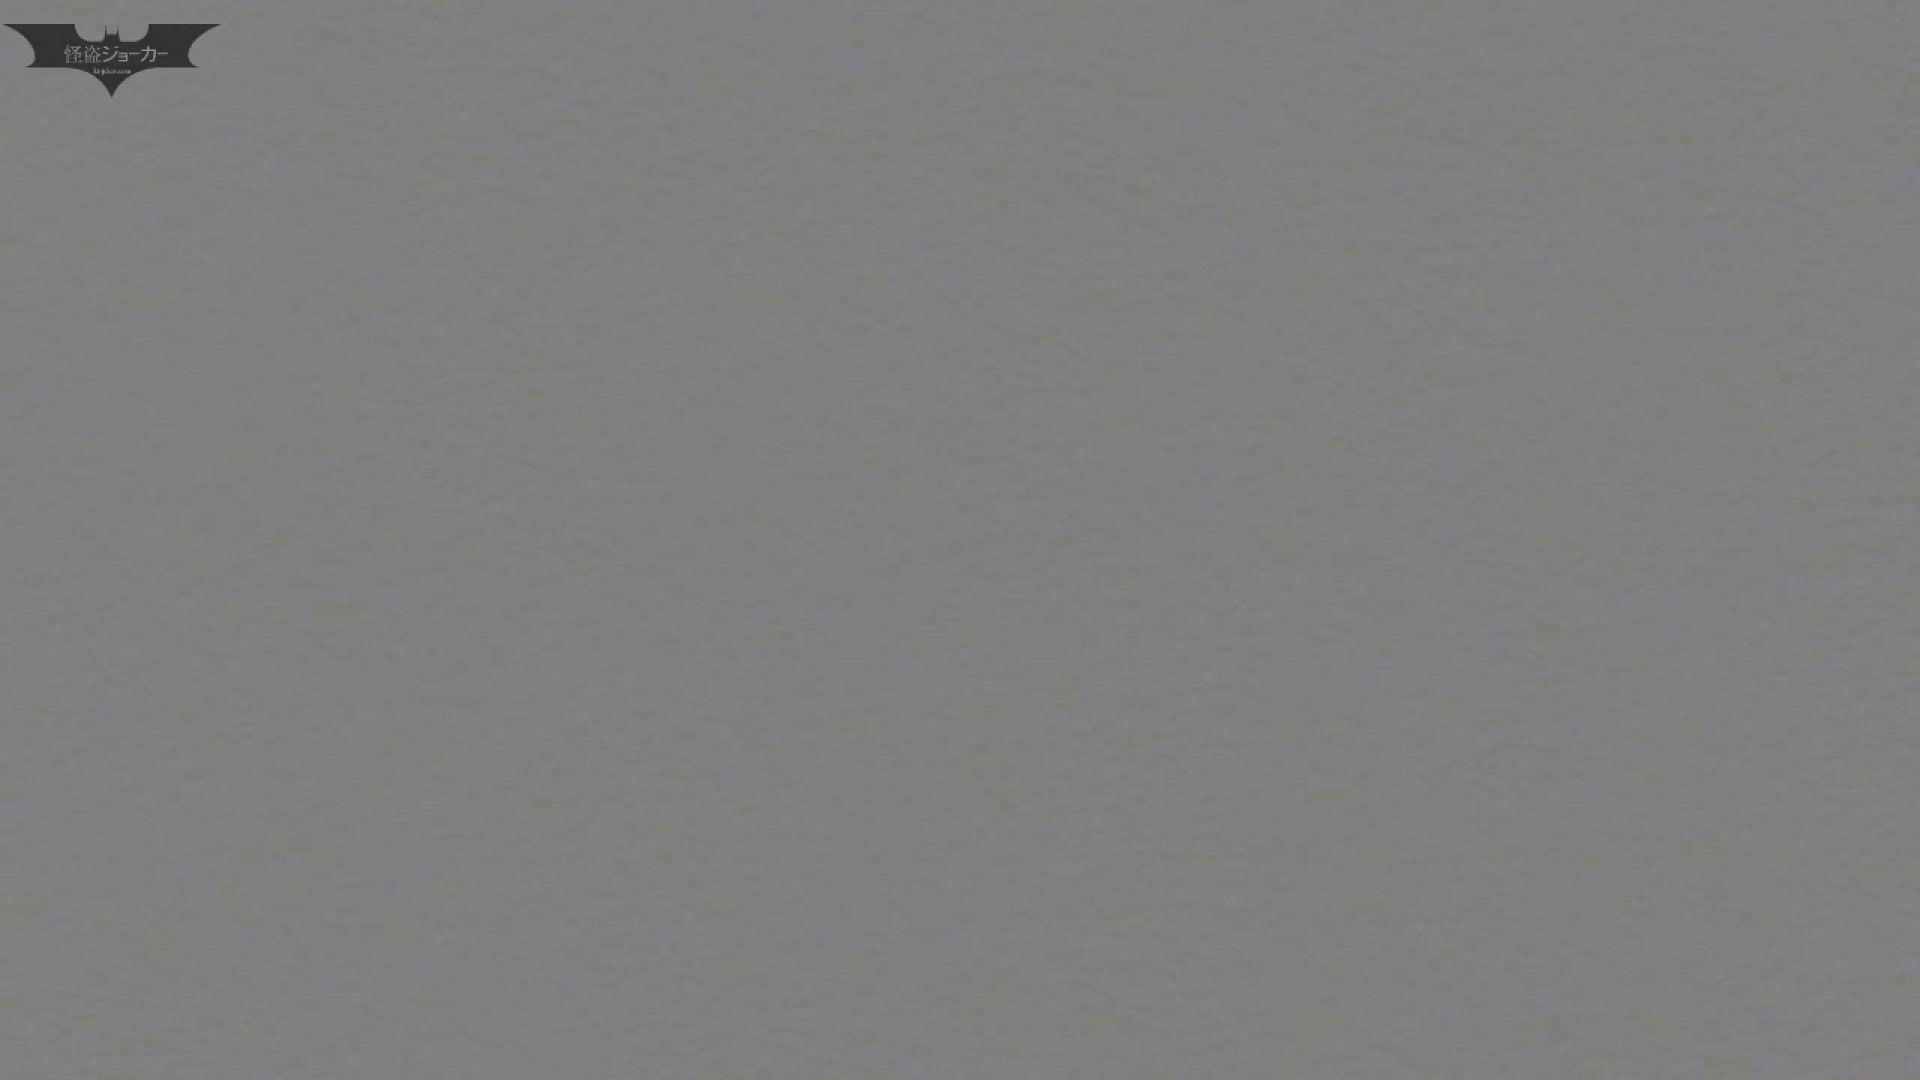 新世界の射窓 No61来ました!「ビジョビジョ」の美女達が・・・ 美女 おめこ無修正動画無料 39連発 23